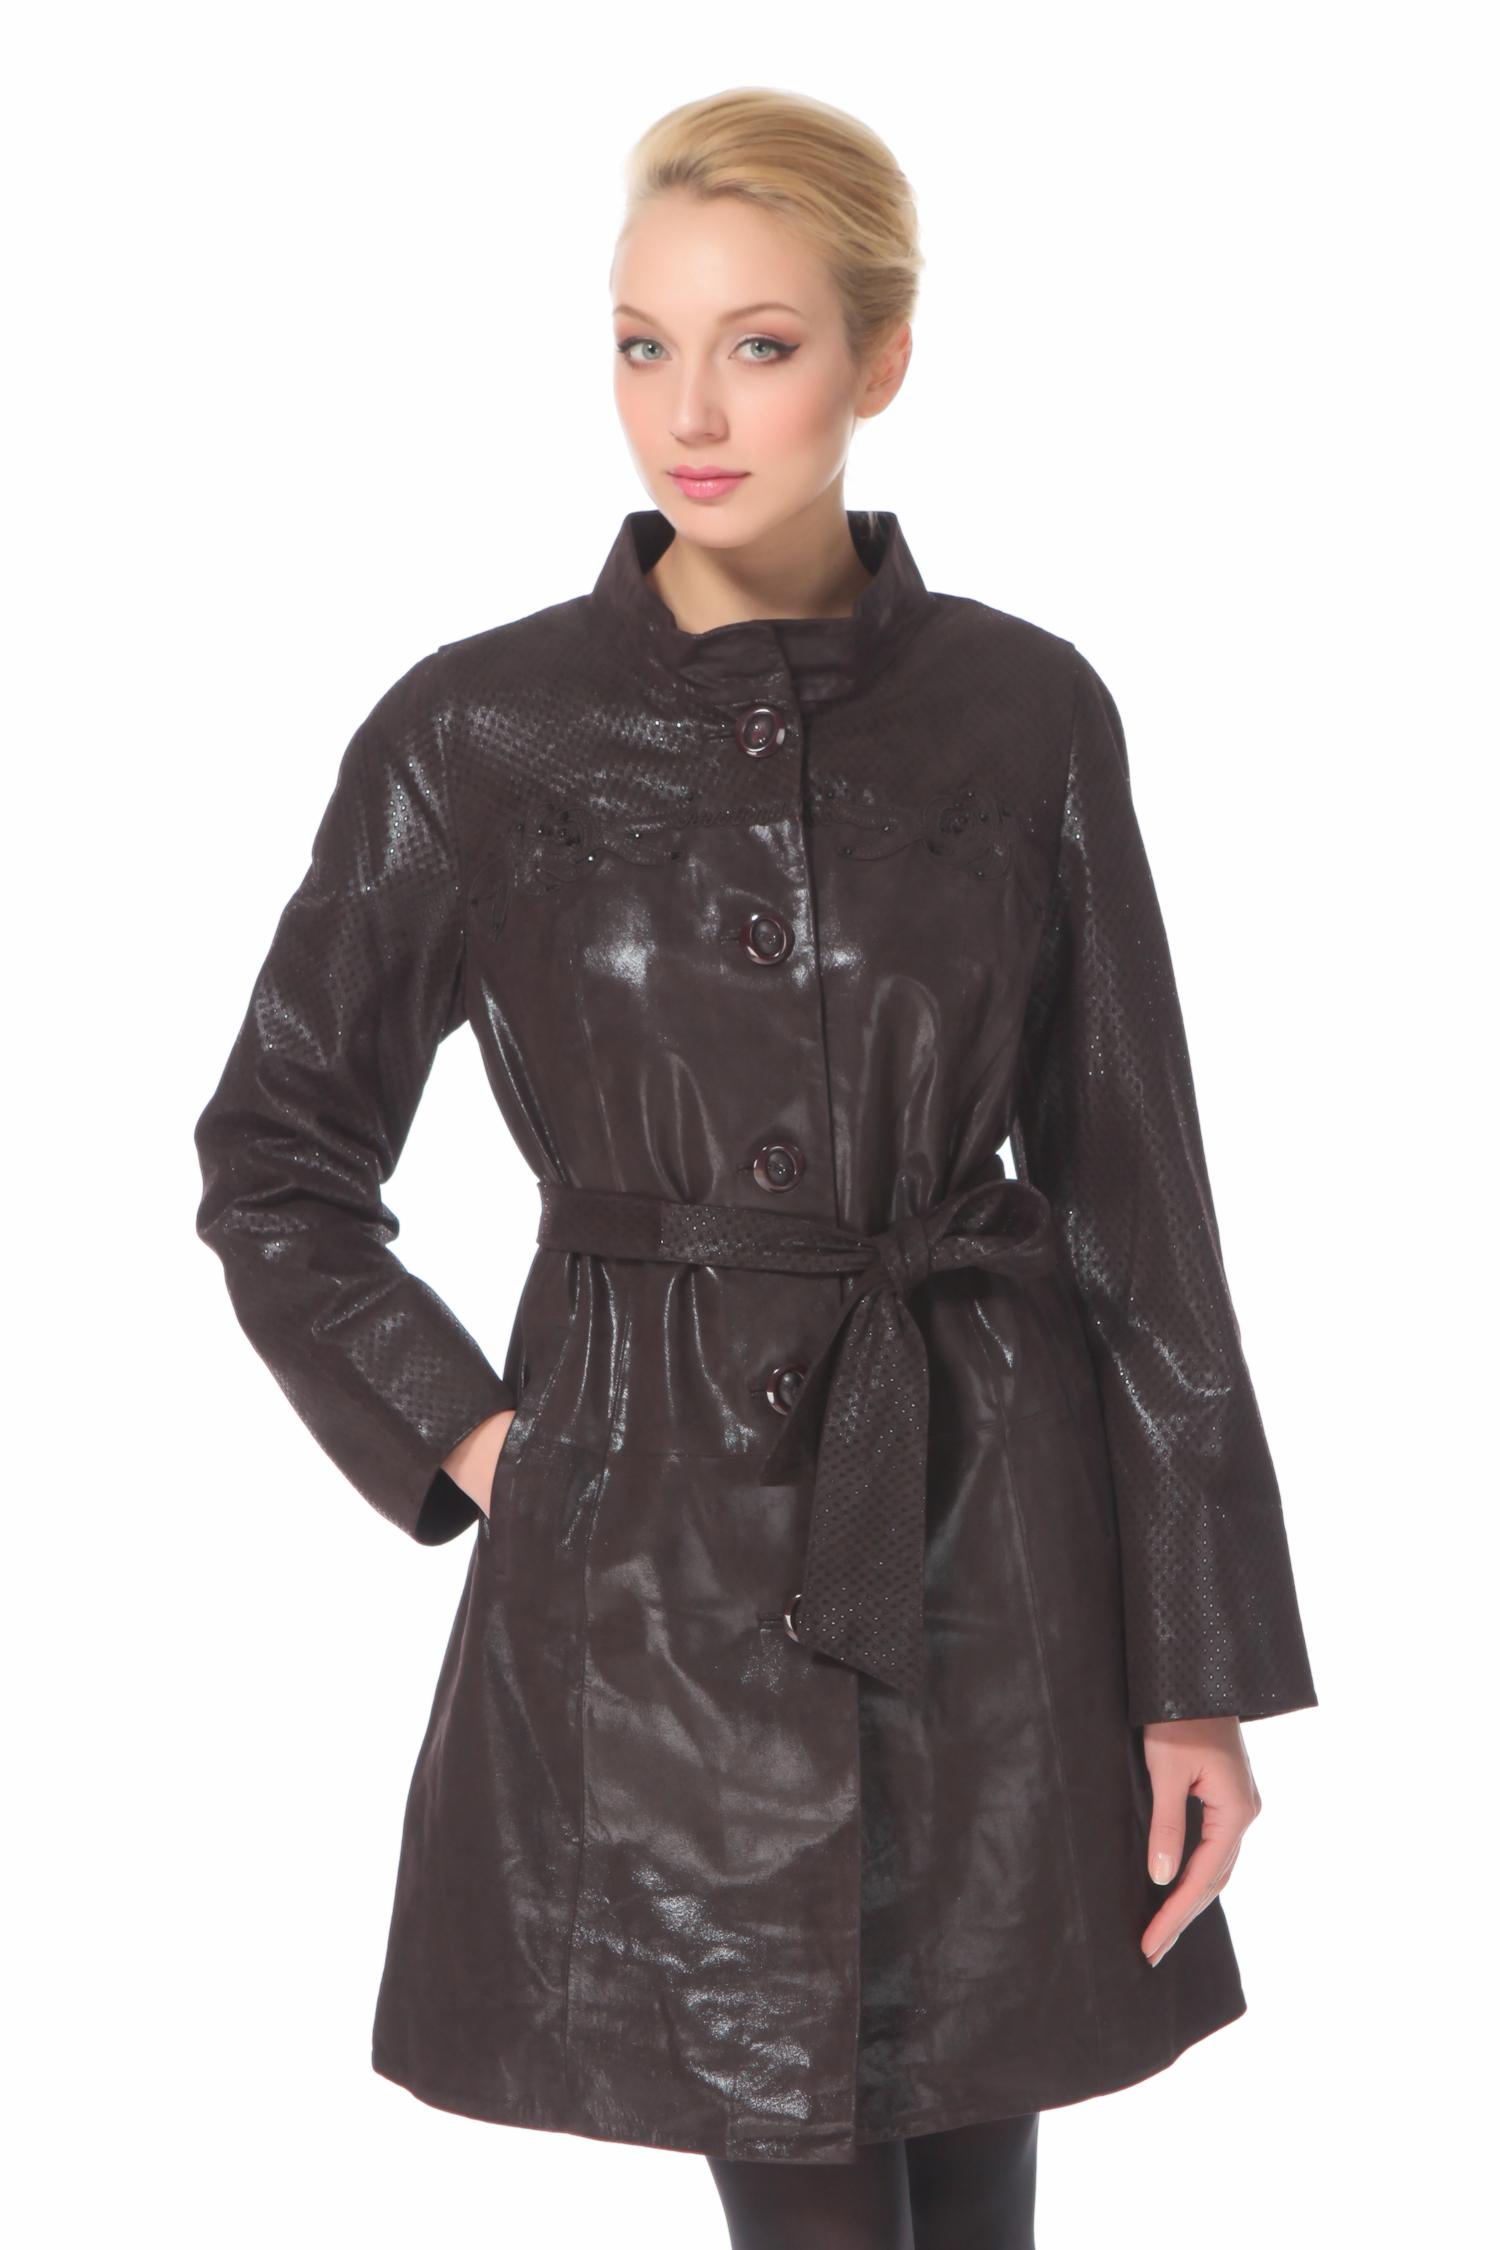 Женское кожаное пальто из натуральной замши (с накатом) с воротником, отделка кролик